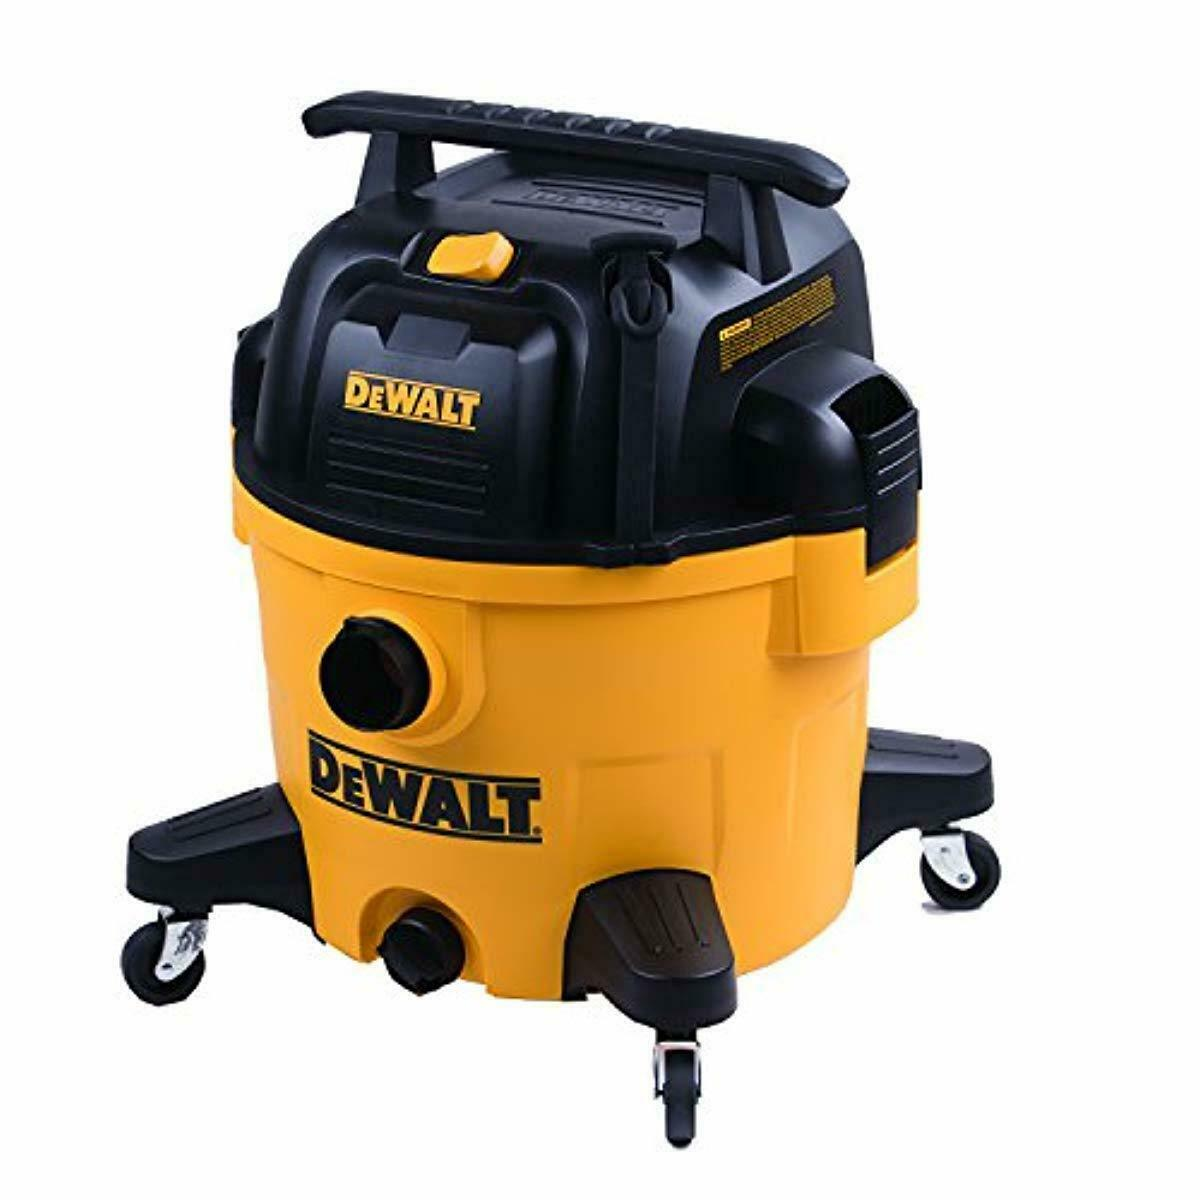 DeWALT 9 Gallon Poly Wet Dry Vac